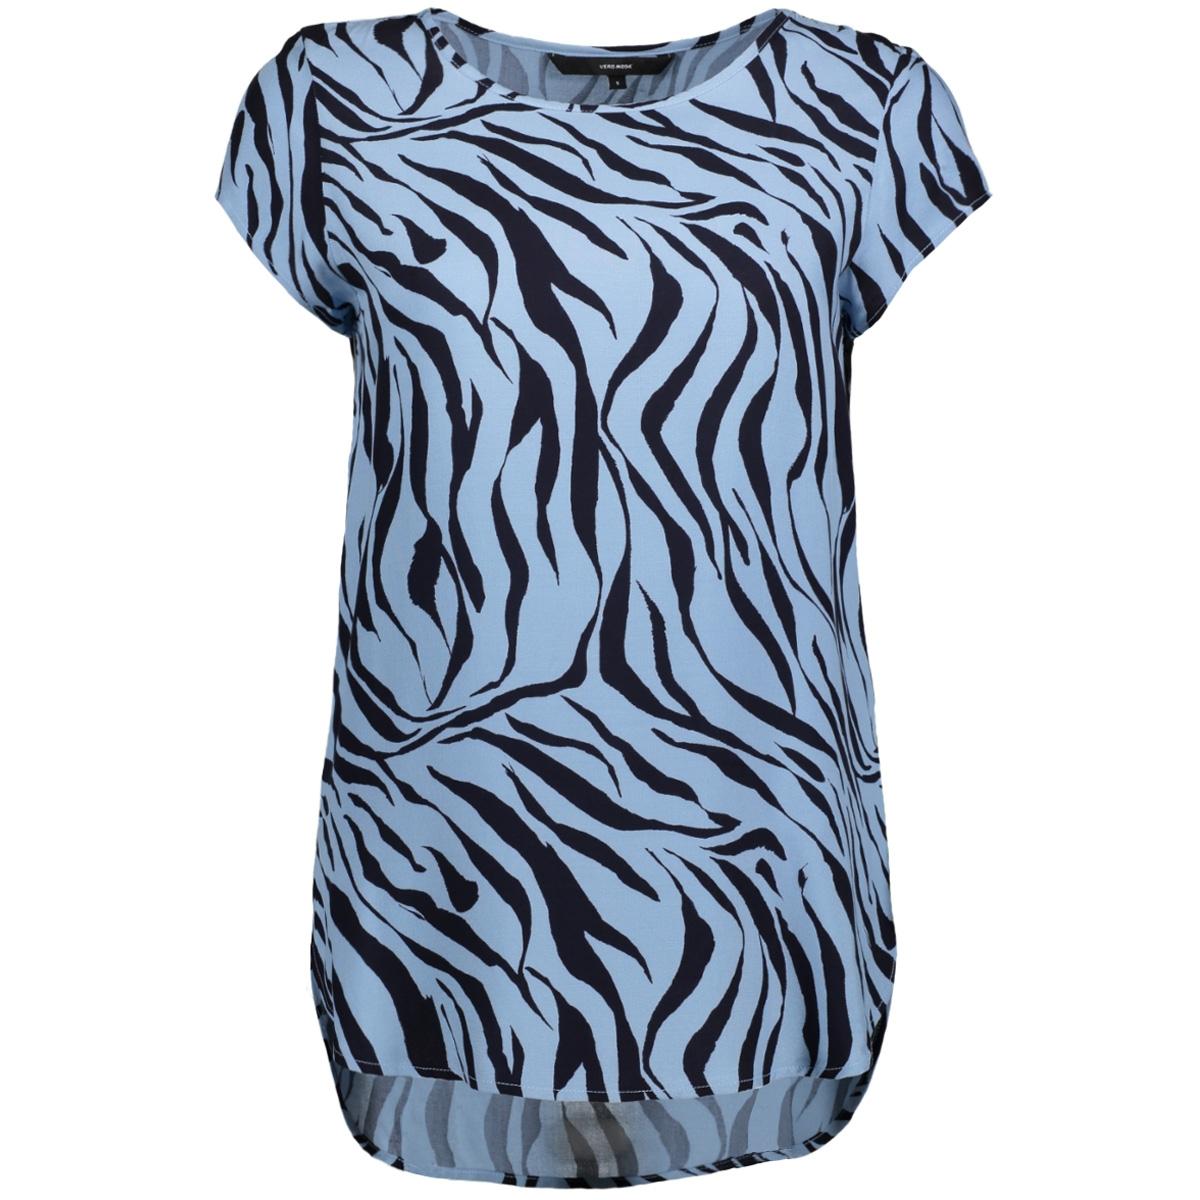 vmboca ss blouse multi printed 10132802 vero moda t-shirt allure/zanzana